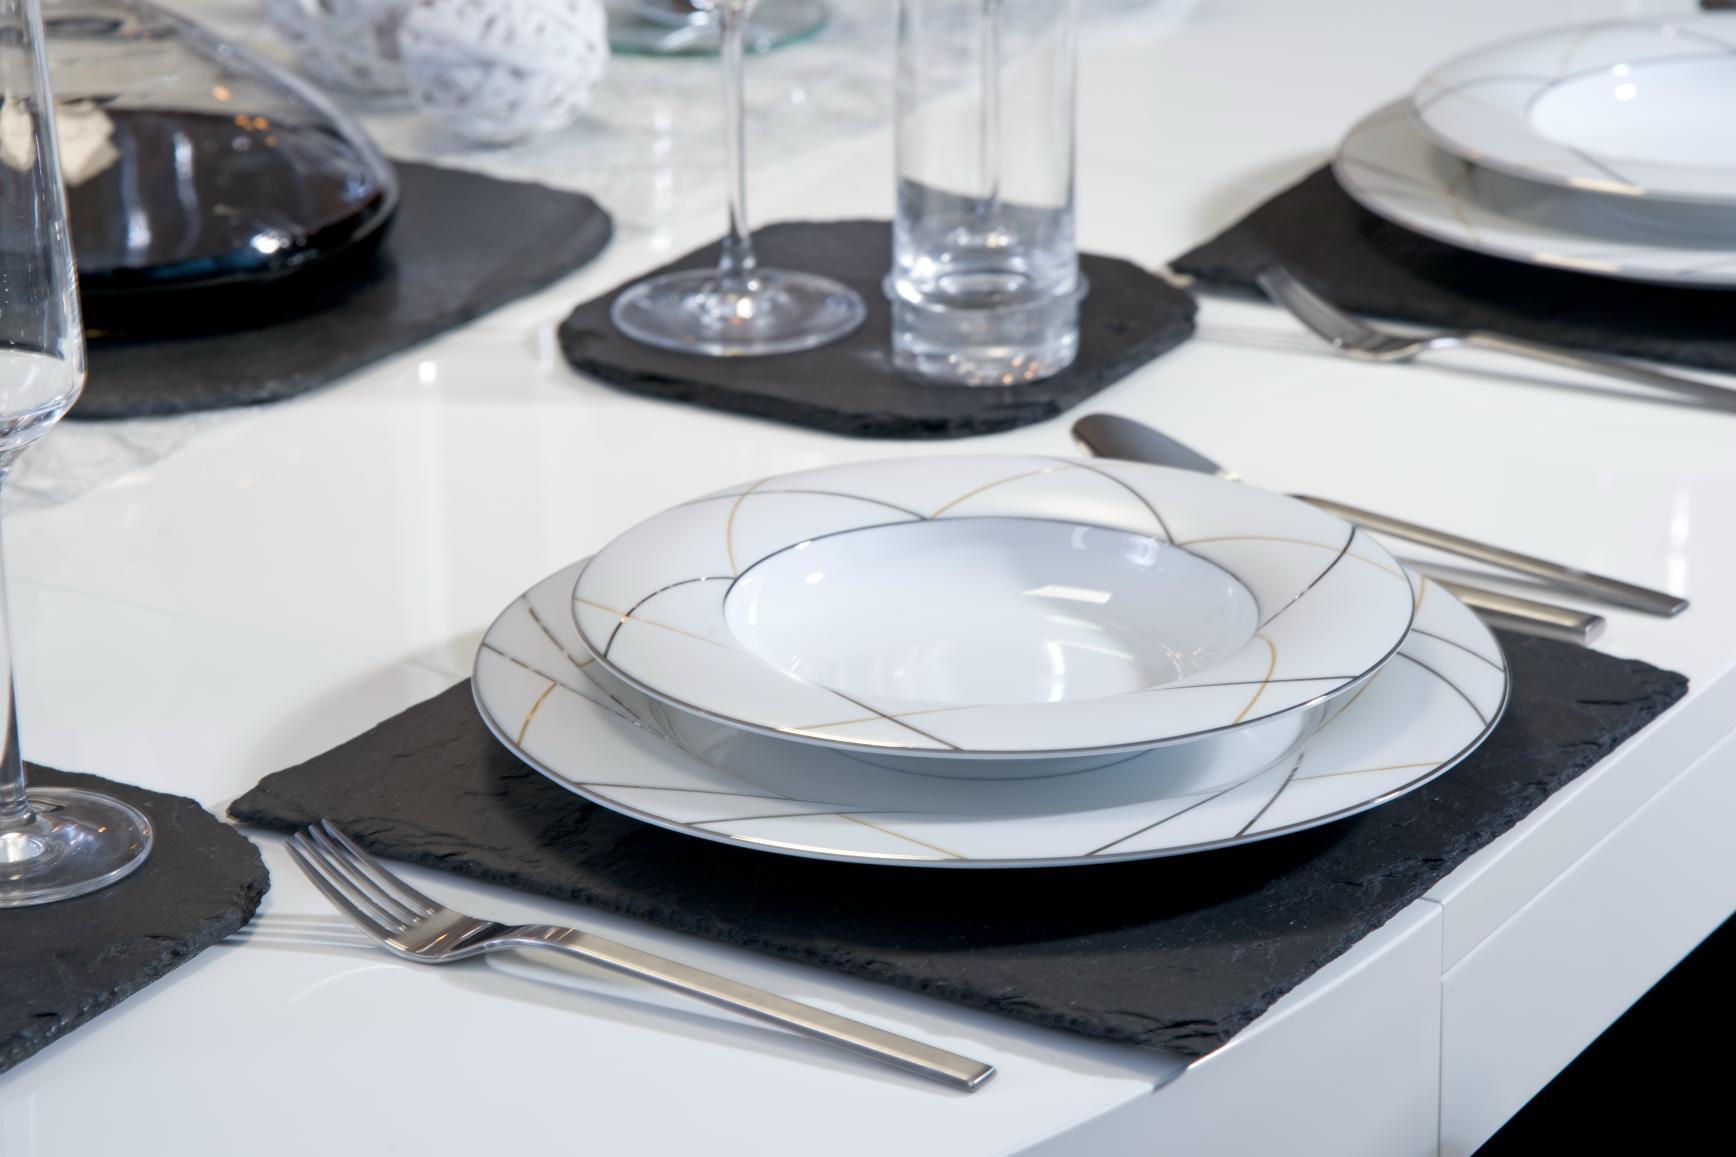 Tischset aus Naturschiefer, leicht geölt